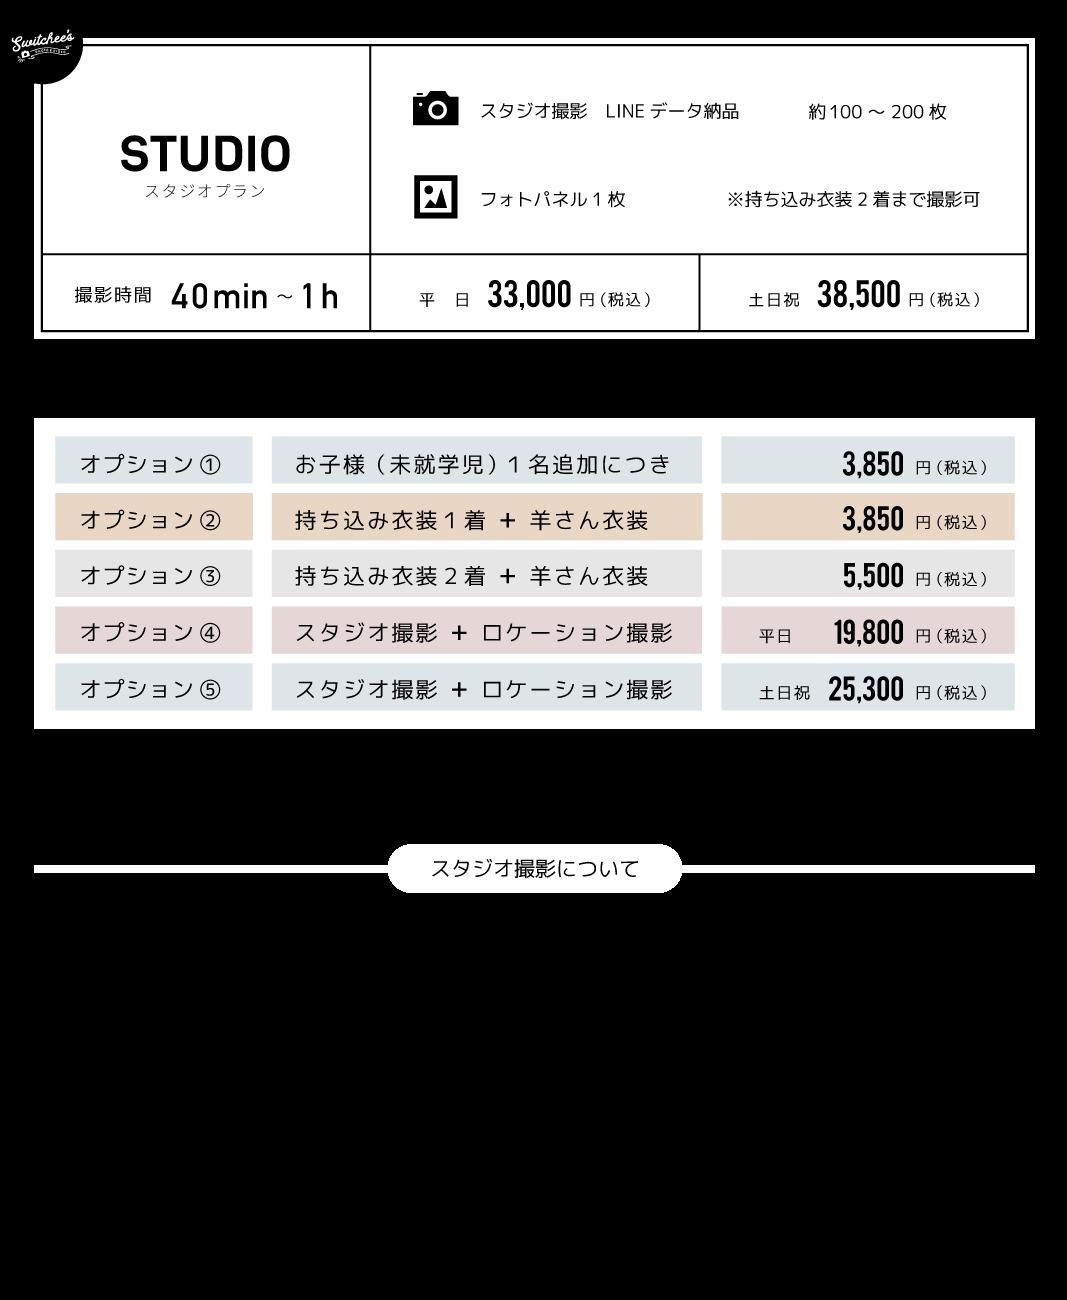 スタジオプラン + ロケーション撮影